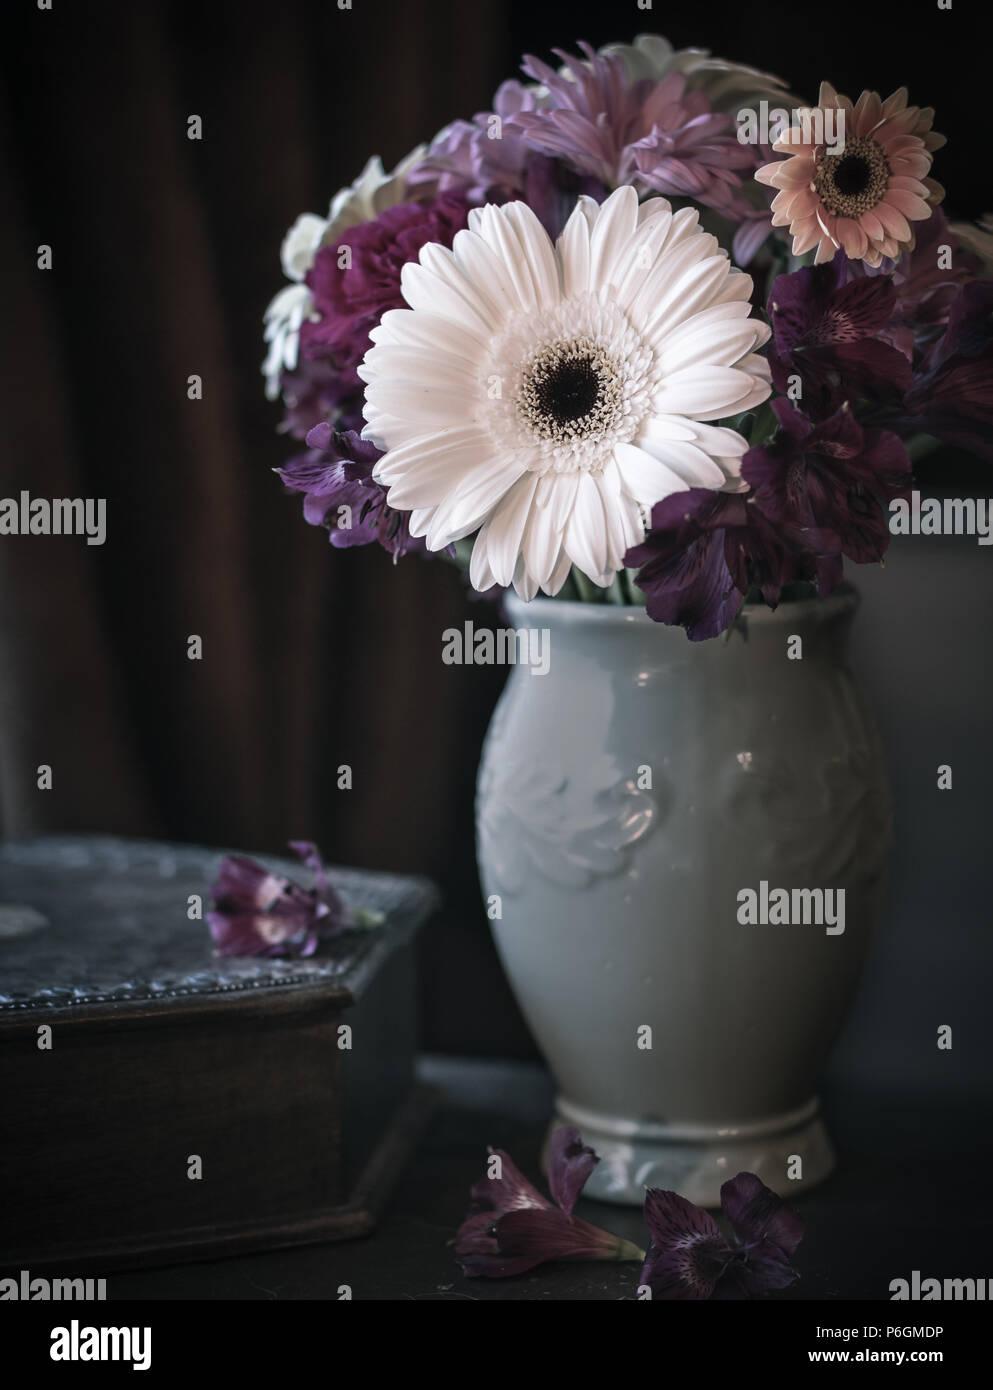 Dunkel gefärbte Blumen in einer Vase mit dunklem Hintergrund und gedeckten Farben. Stockbild